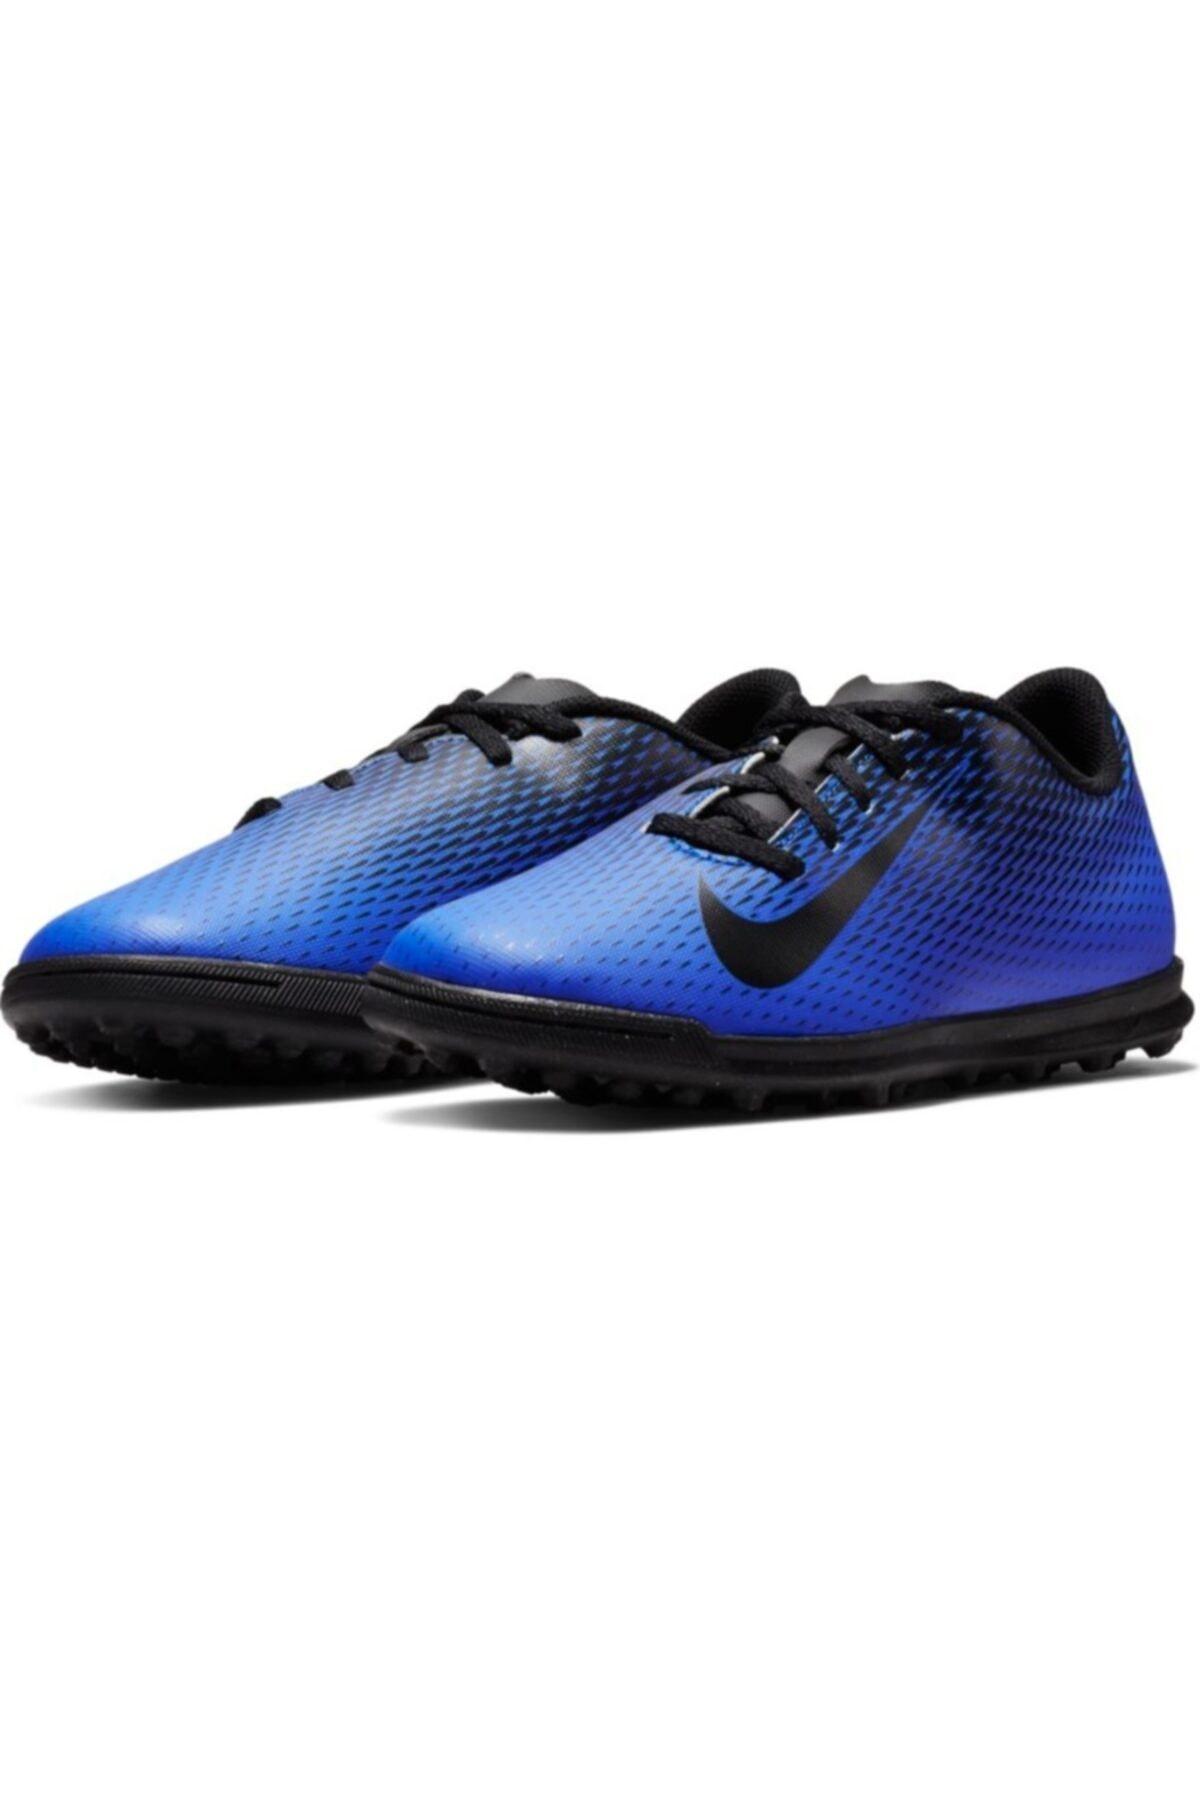 Nike Kids Erkek Lacivert Bravata 2 Tf Jr Halı Saha Ayakkabısı 2